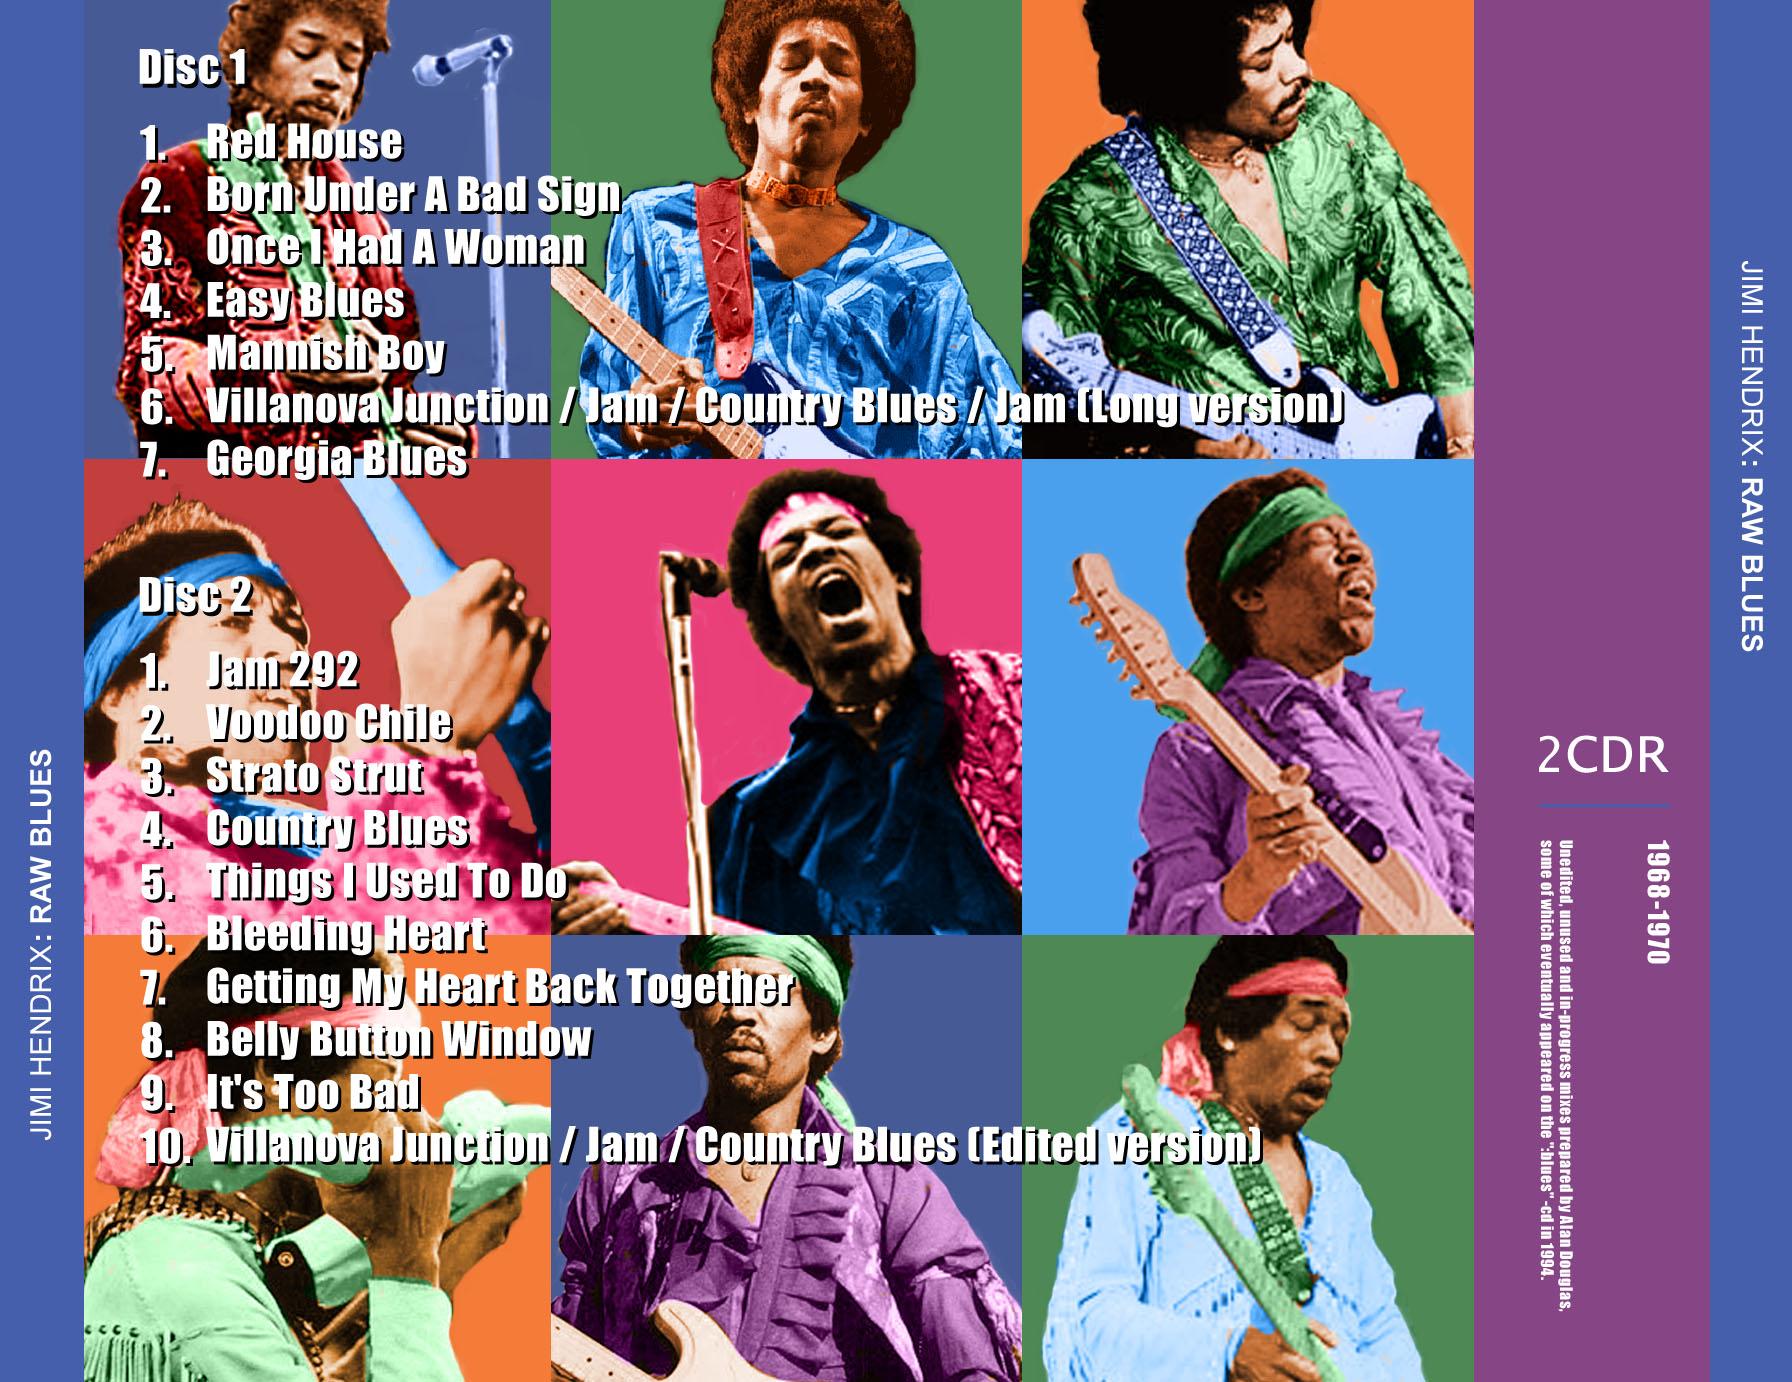 El rincón del Blues - Página 2 06_28_31_Jimi%20Hendrix_raw_back